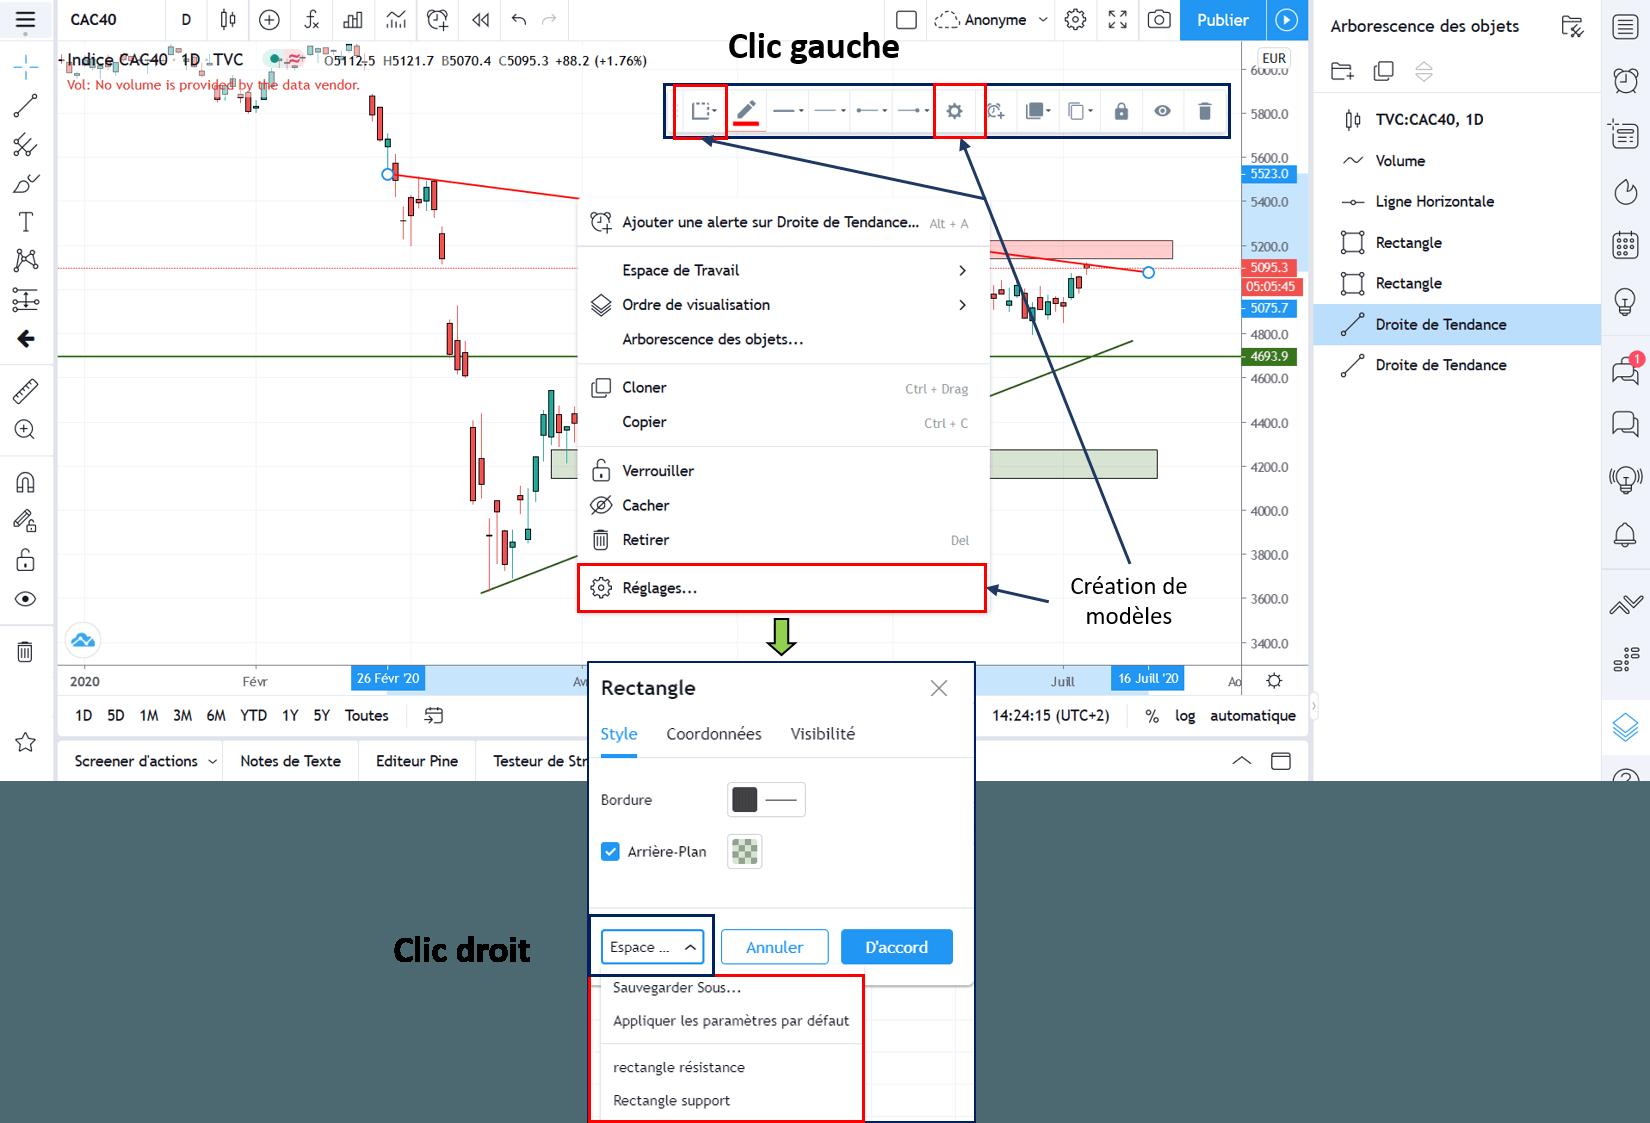 Personnalisation des tracés dans tradingview